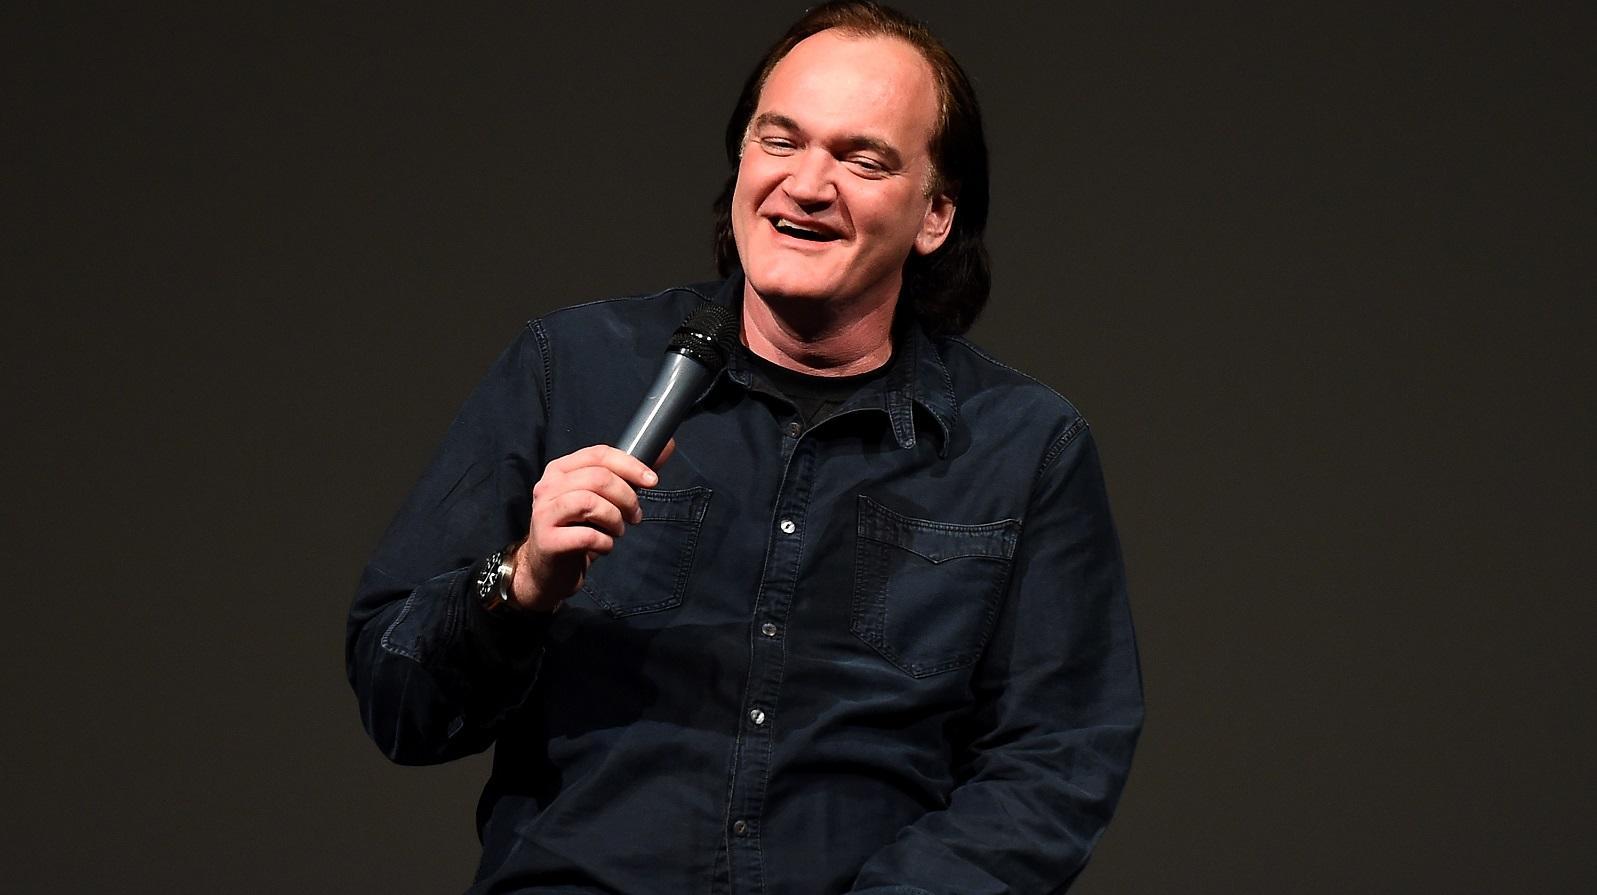 1999-ben Quentin Tarantino kapott felkérést a Vasember megírására és rendezésére. Dolgozott is valamennyit rajta, de aztán otthagyta a projektet. 2001-ig Joss Whedon-nal (aki egyébként a képregény nagy rajongója volt) folytak tárgyalások, míg 2004-ben Nick Cassavetes kapta meg a megbízást, hogy 2006-ig készítse el a filmet, de ez is csak egy sikertelen próbálkozás lett. Végül 2006-ben Jon Favreau –val sikerült megállapodni, aki aztán sikkeresen vászonra vitte a Vasembert.  (Getty Images)